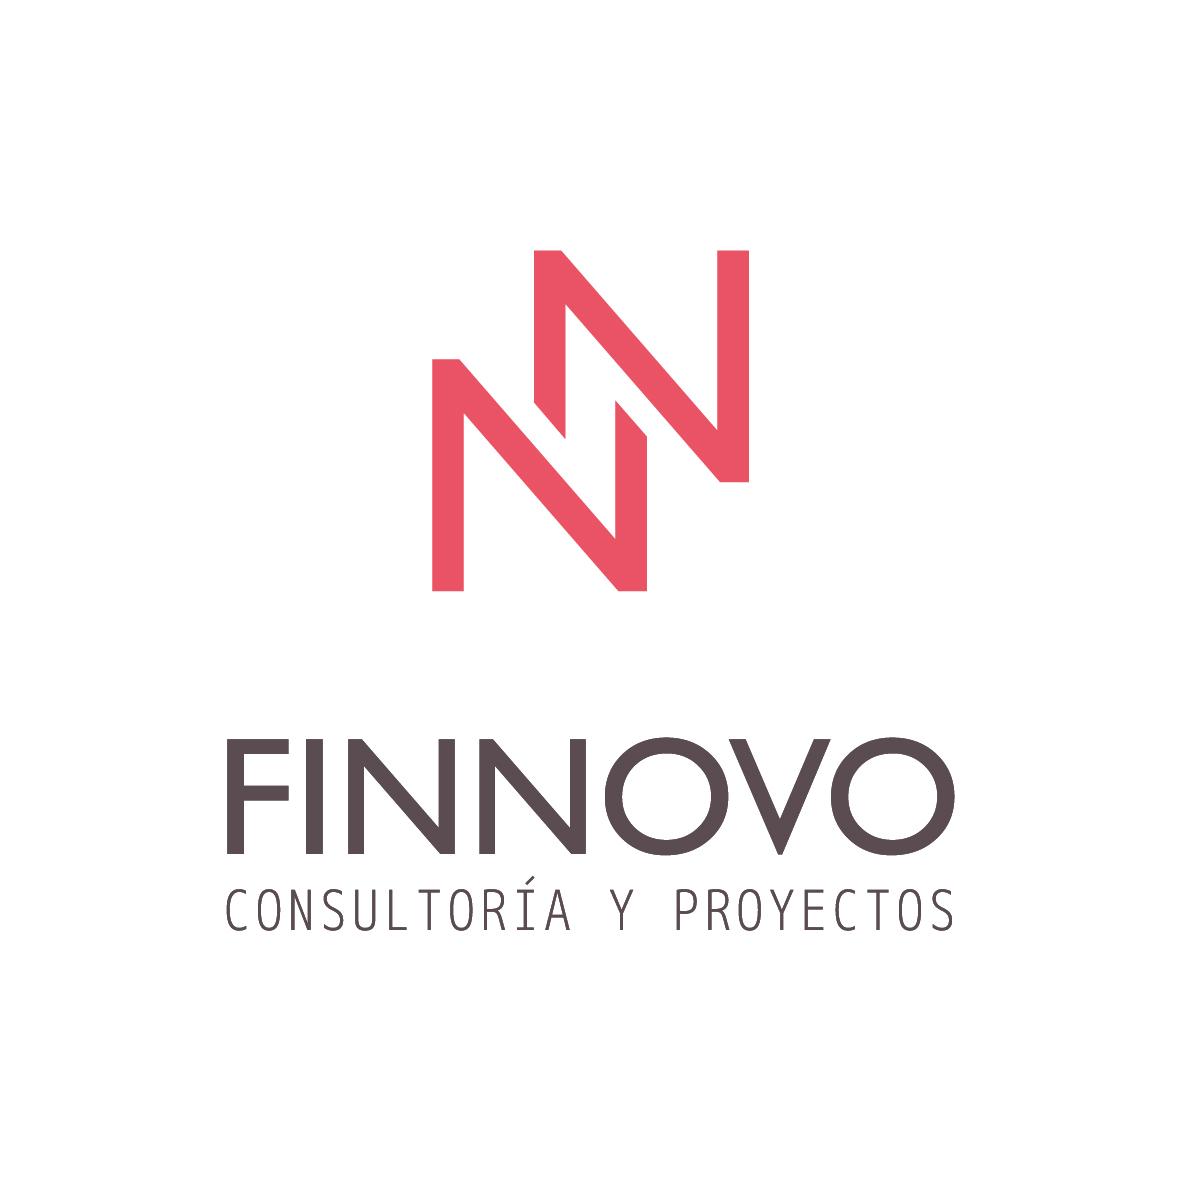 Finnovo Consultoría y Proyectos